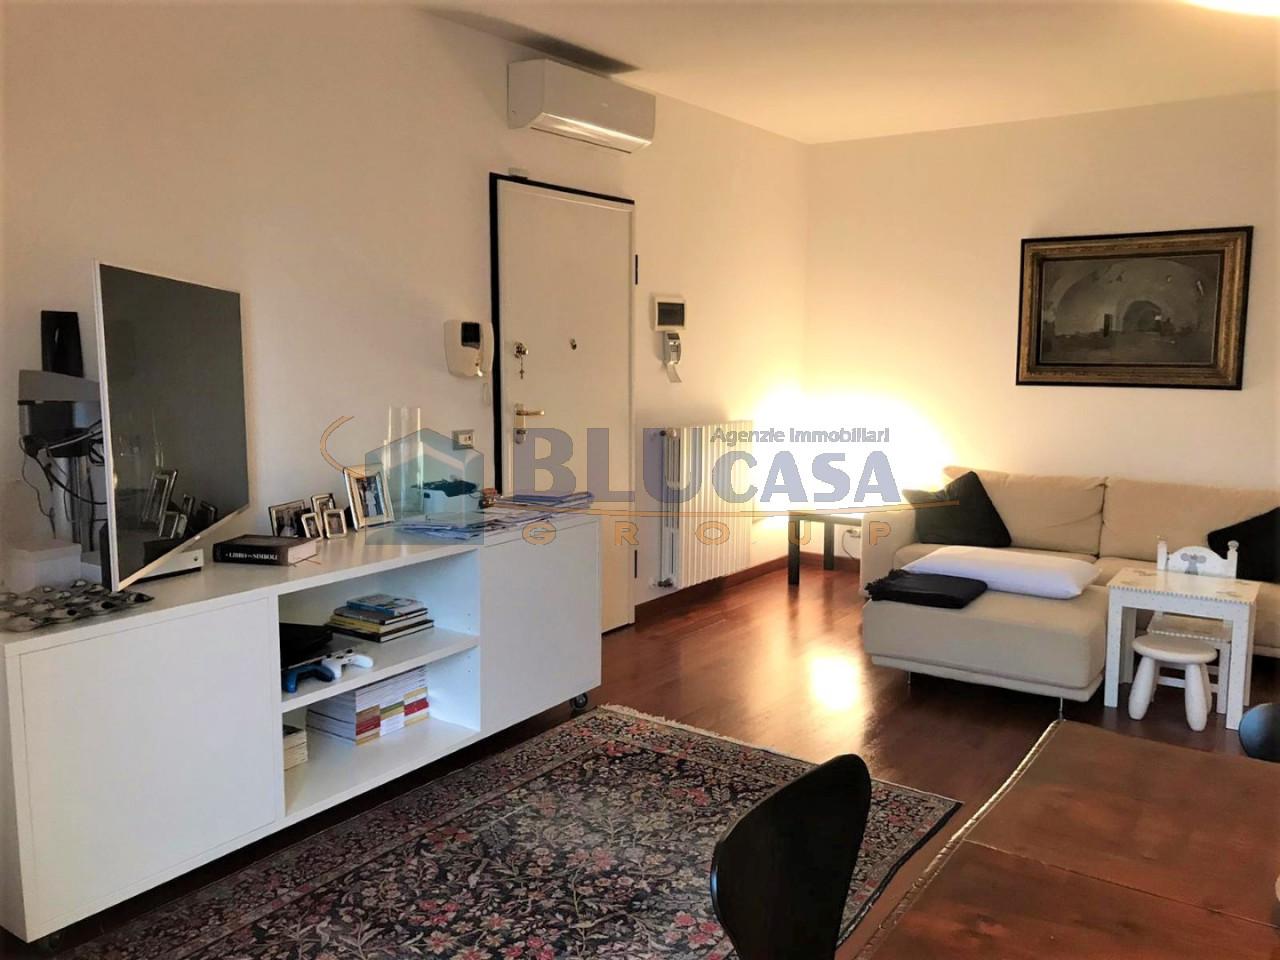 D296 Elegante duplex tricamere con ottime finiture in vendita a Montegrotto Terme https://media.gestionaleimmobiliare.it/foto/annunci/200215/2167876/1280x1280/002__02_soggiorno_bis__large.jpg